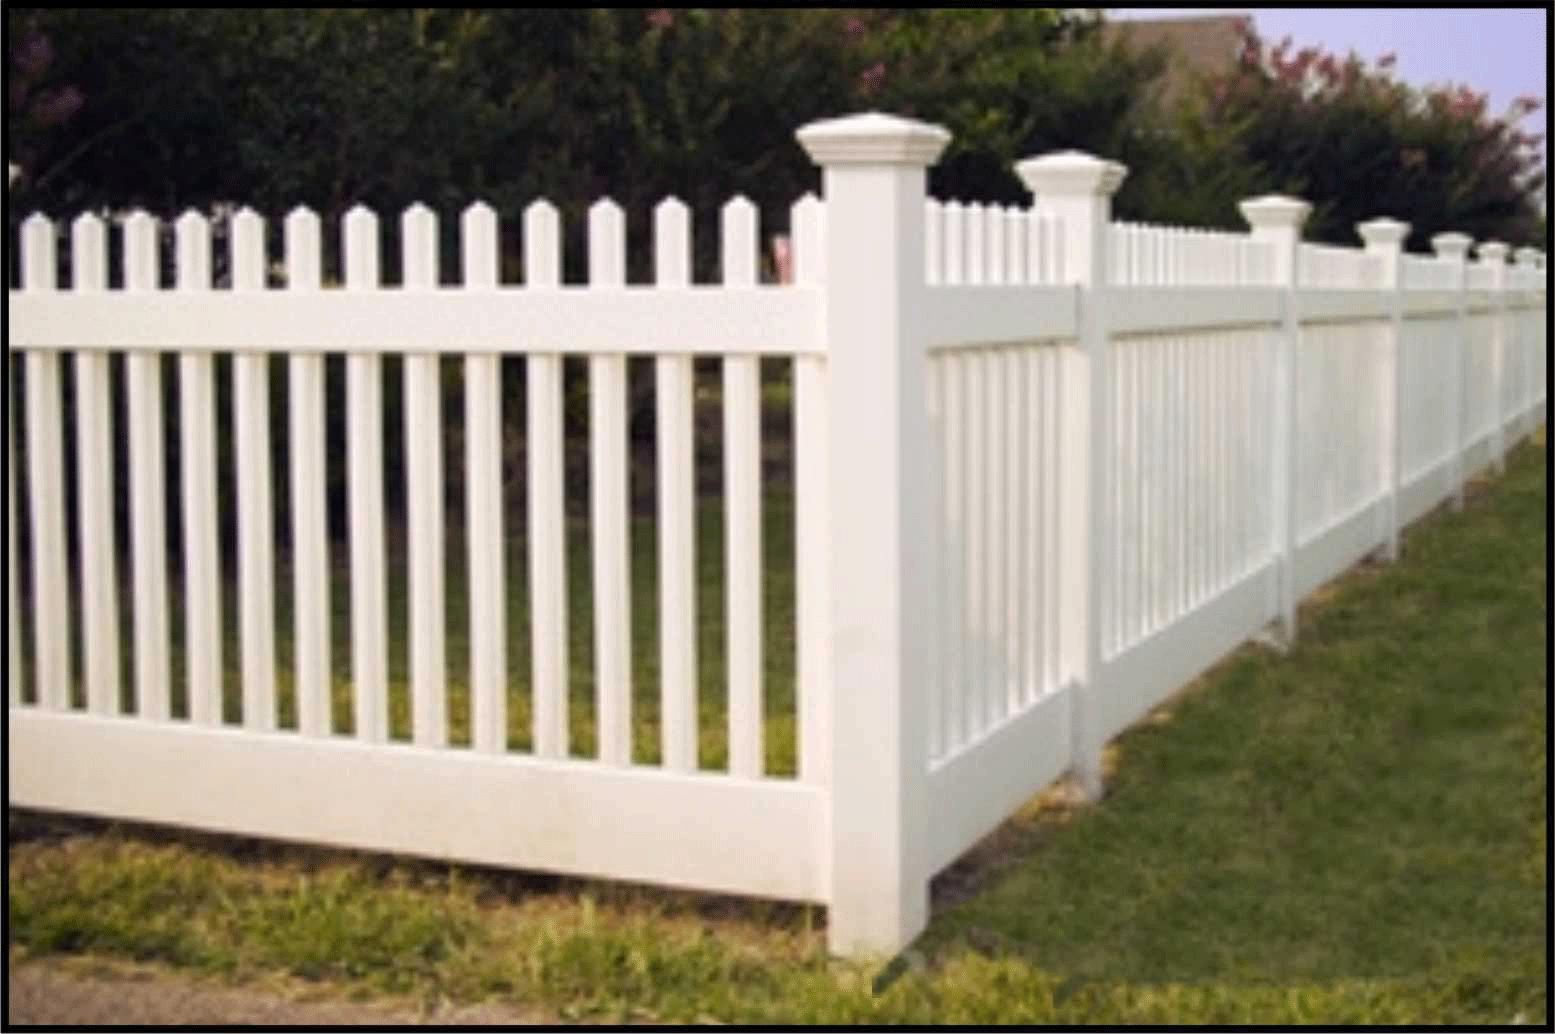 Fence AZ image 3